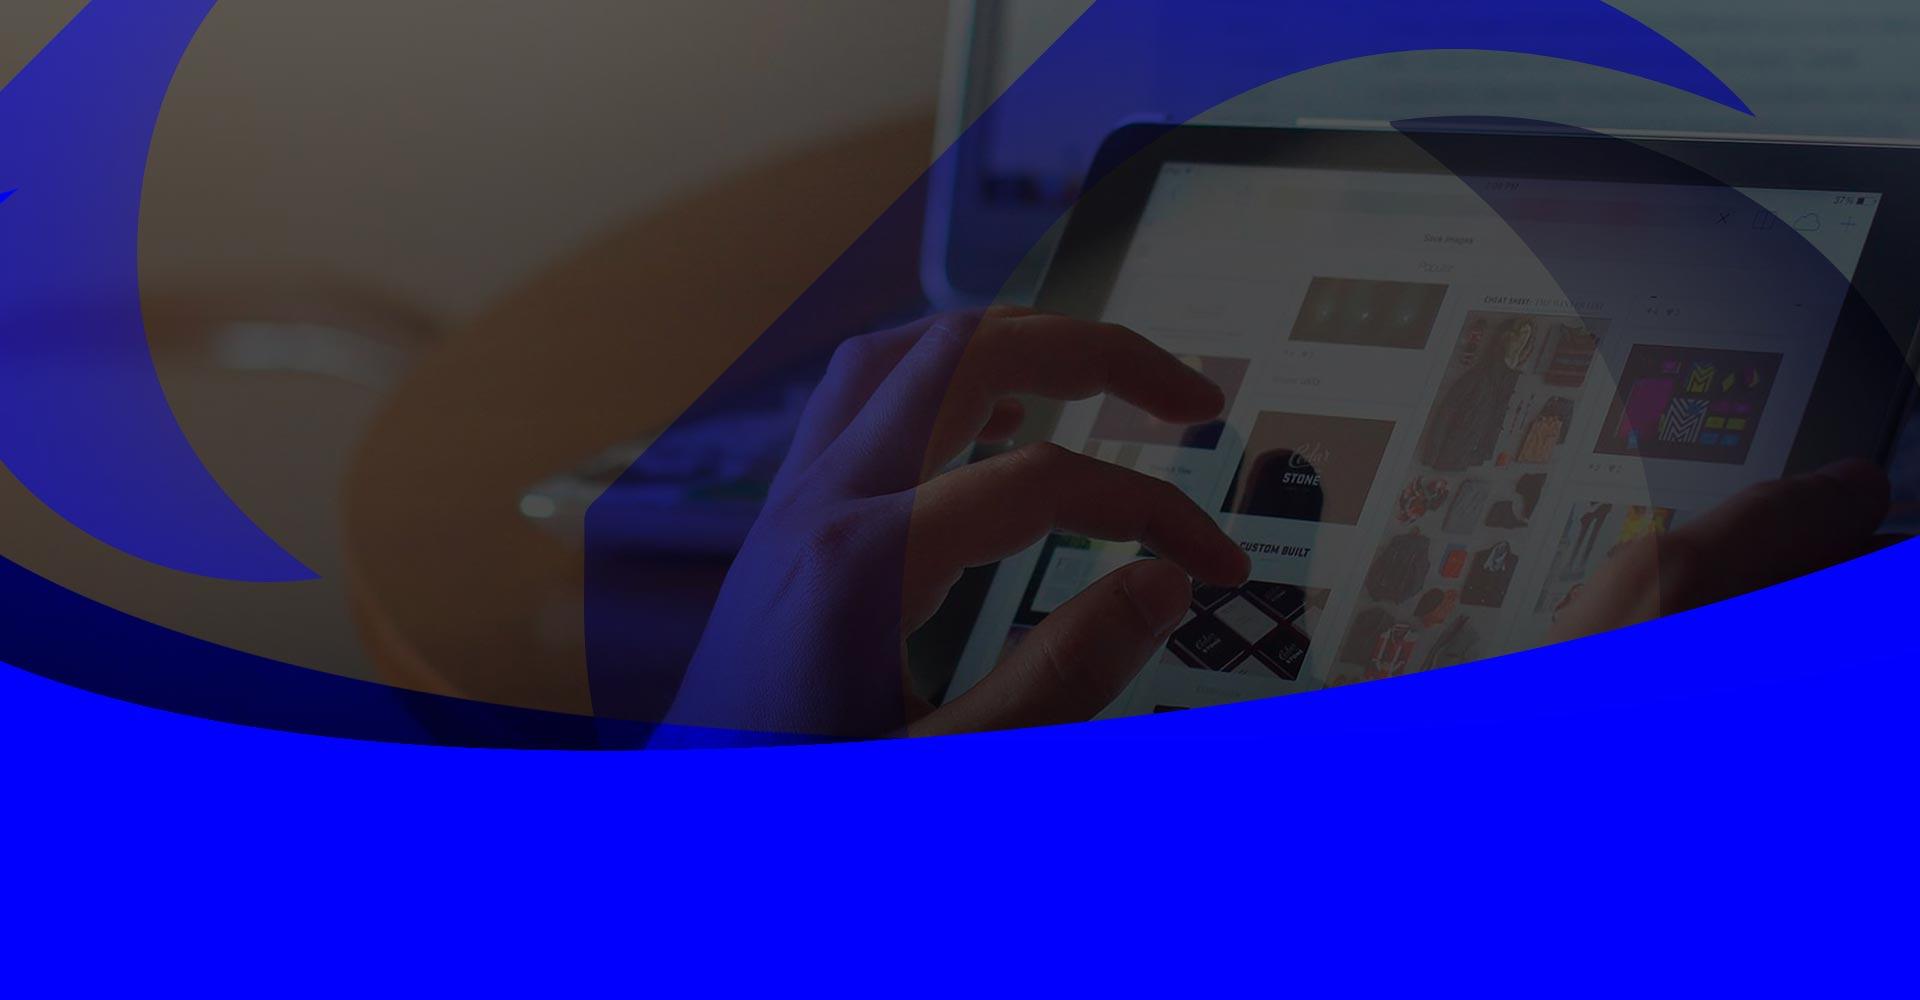 Mídia Box realiza serviços de mídia social para ajudar no crescimento de sua empresa.